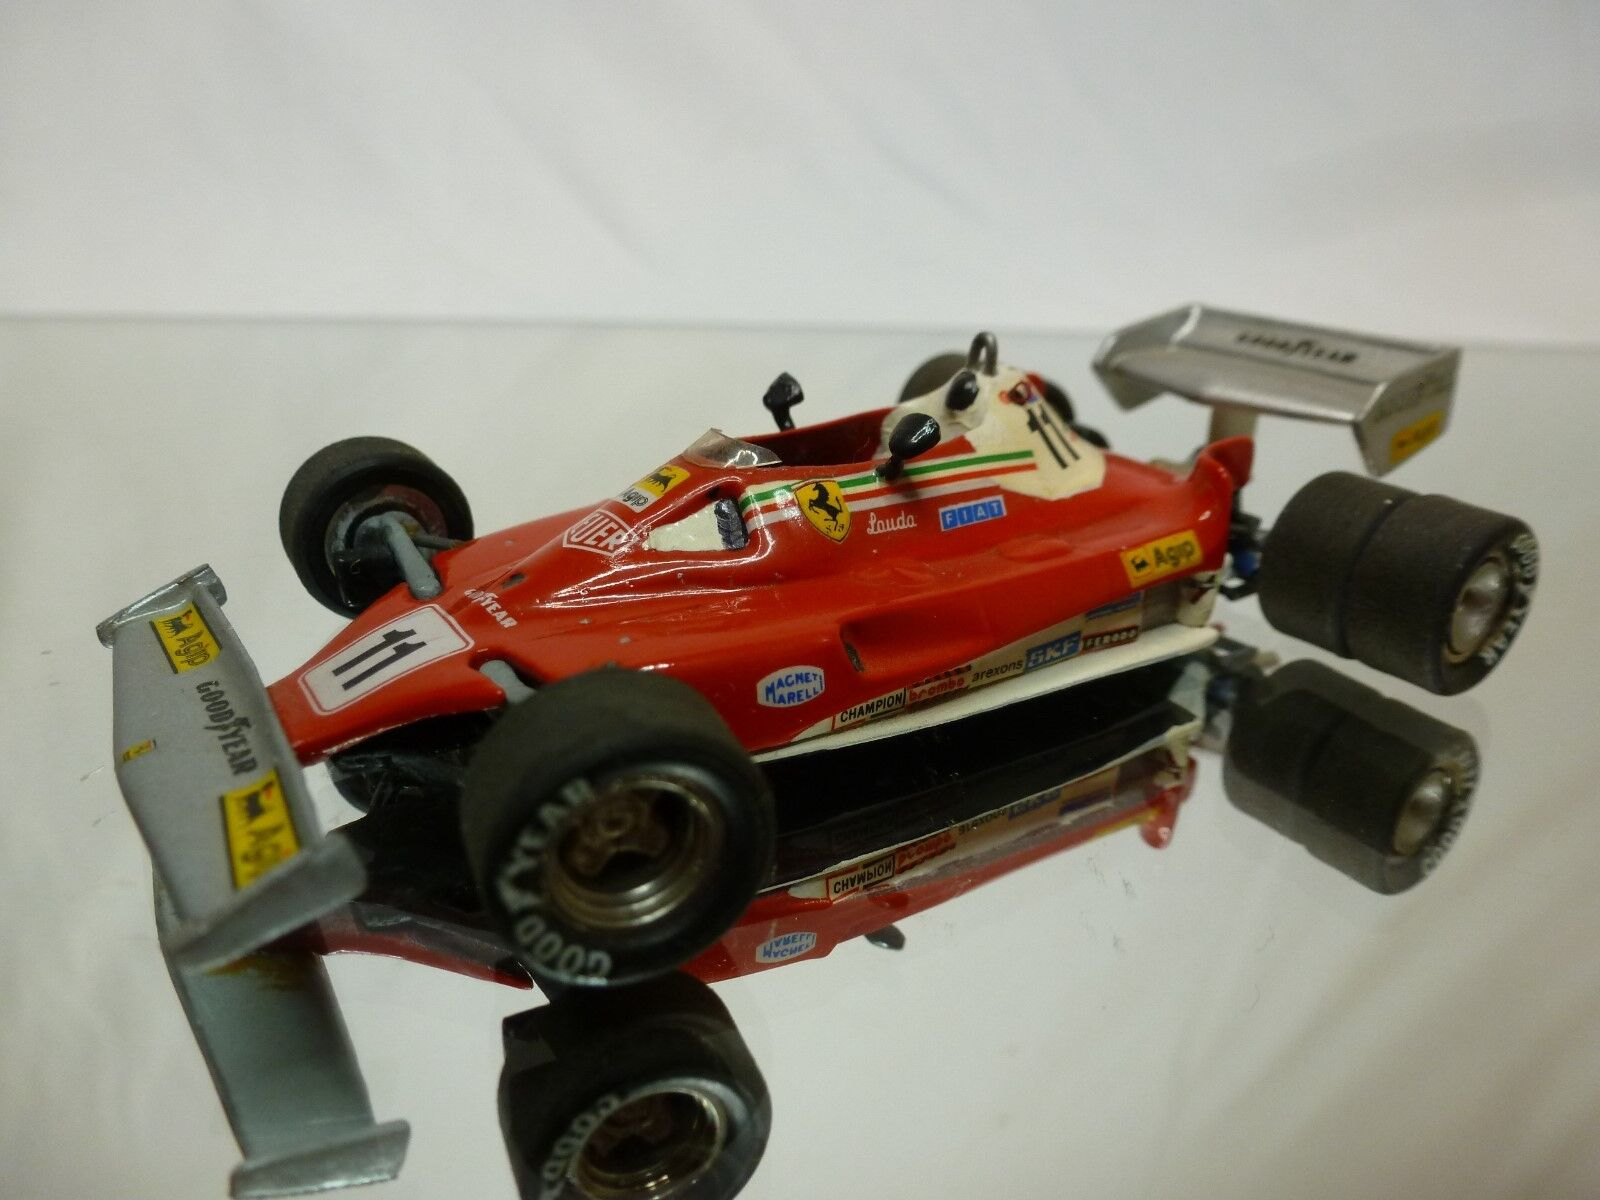 FDS  KIT (built) -  FERRARI 312 T2 1977 - 6 WHEELER  -  F1  1:43  NICE CONDITION